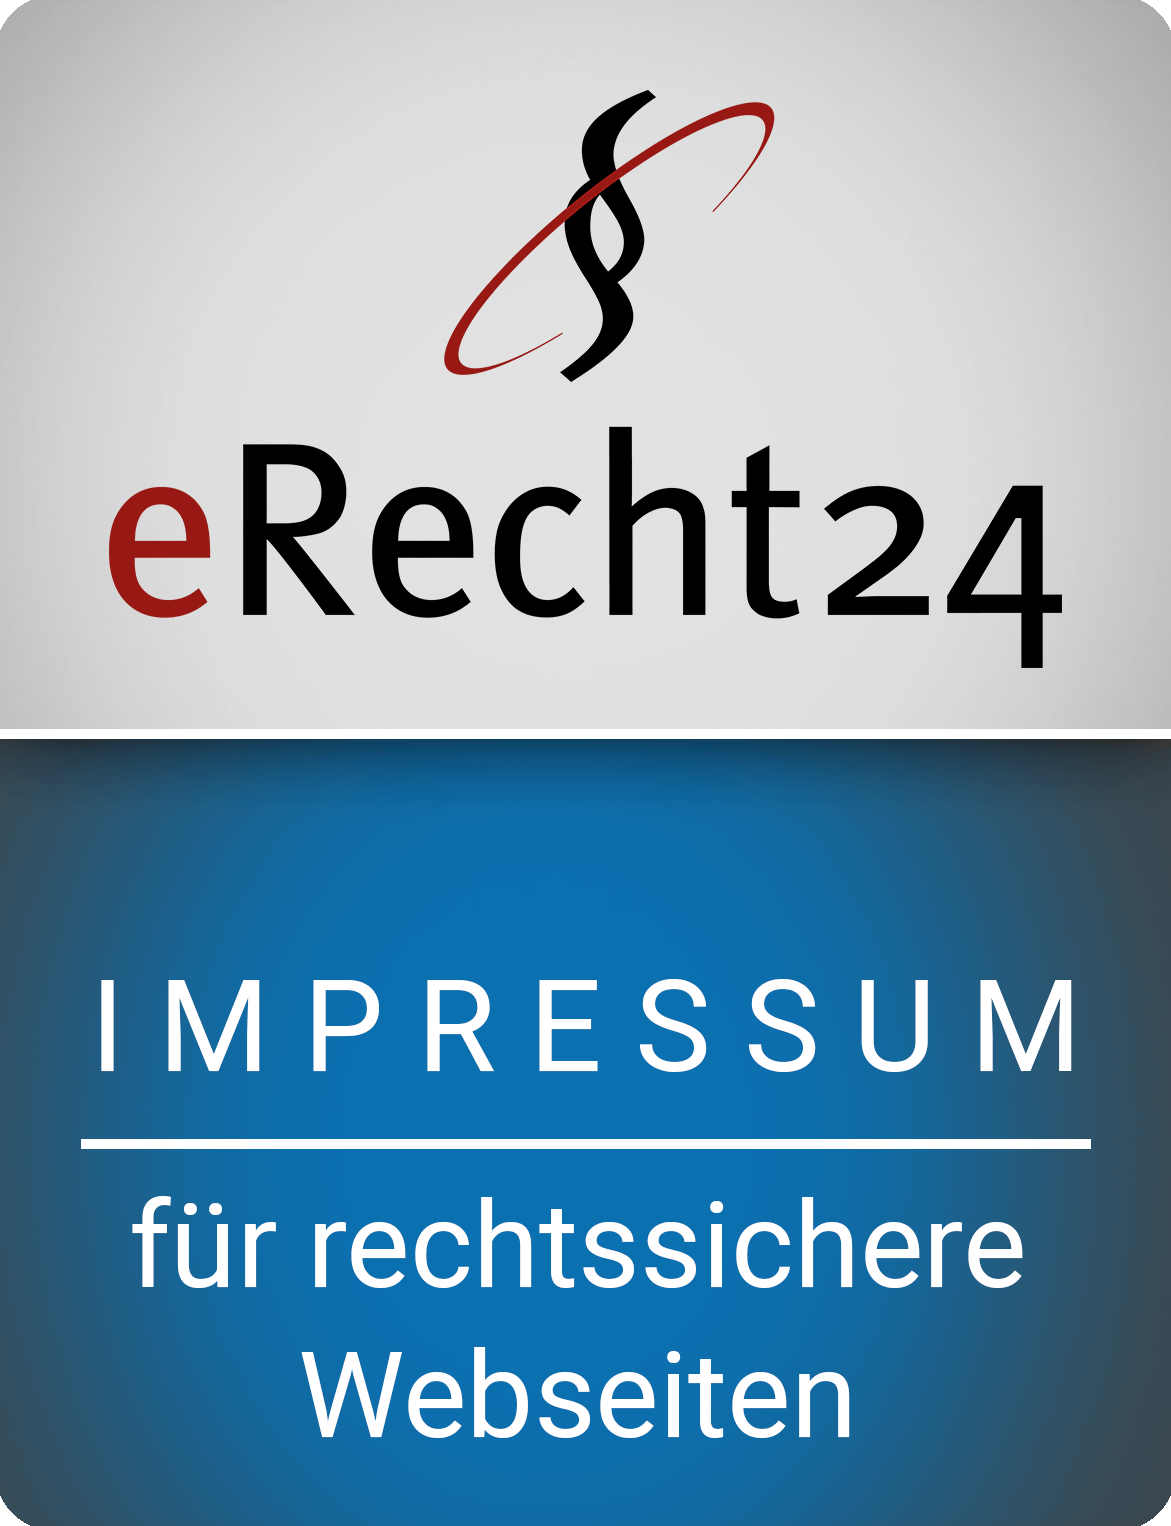 erecht24-siegel-impressum-blau-gross